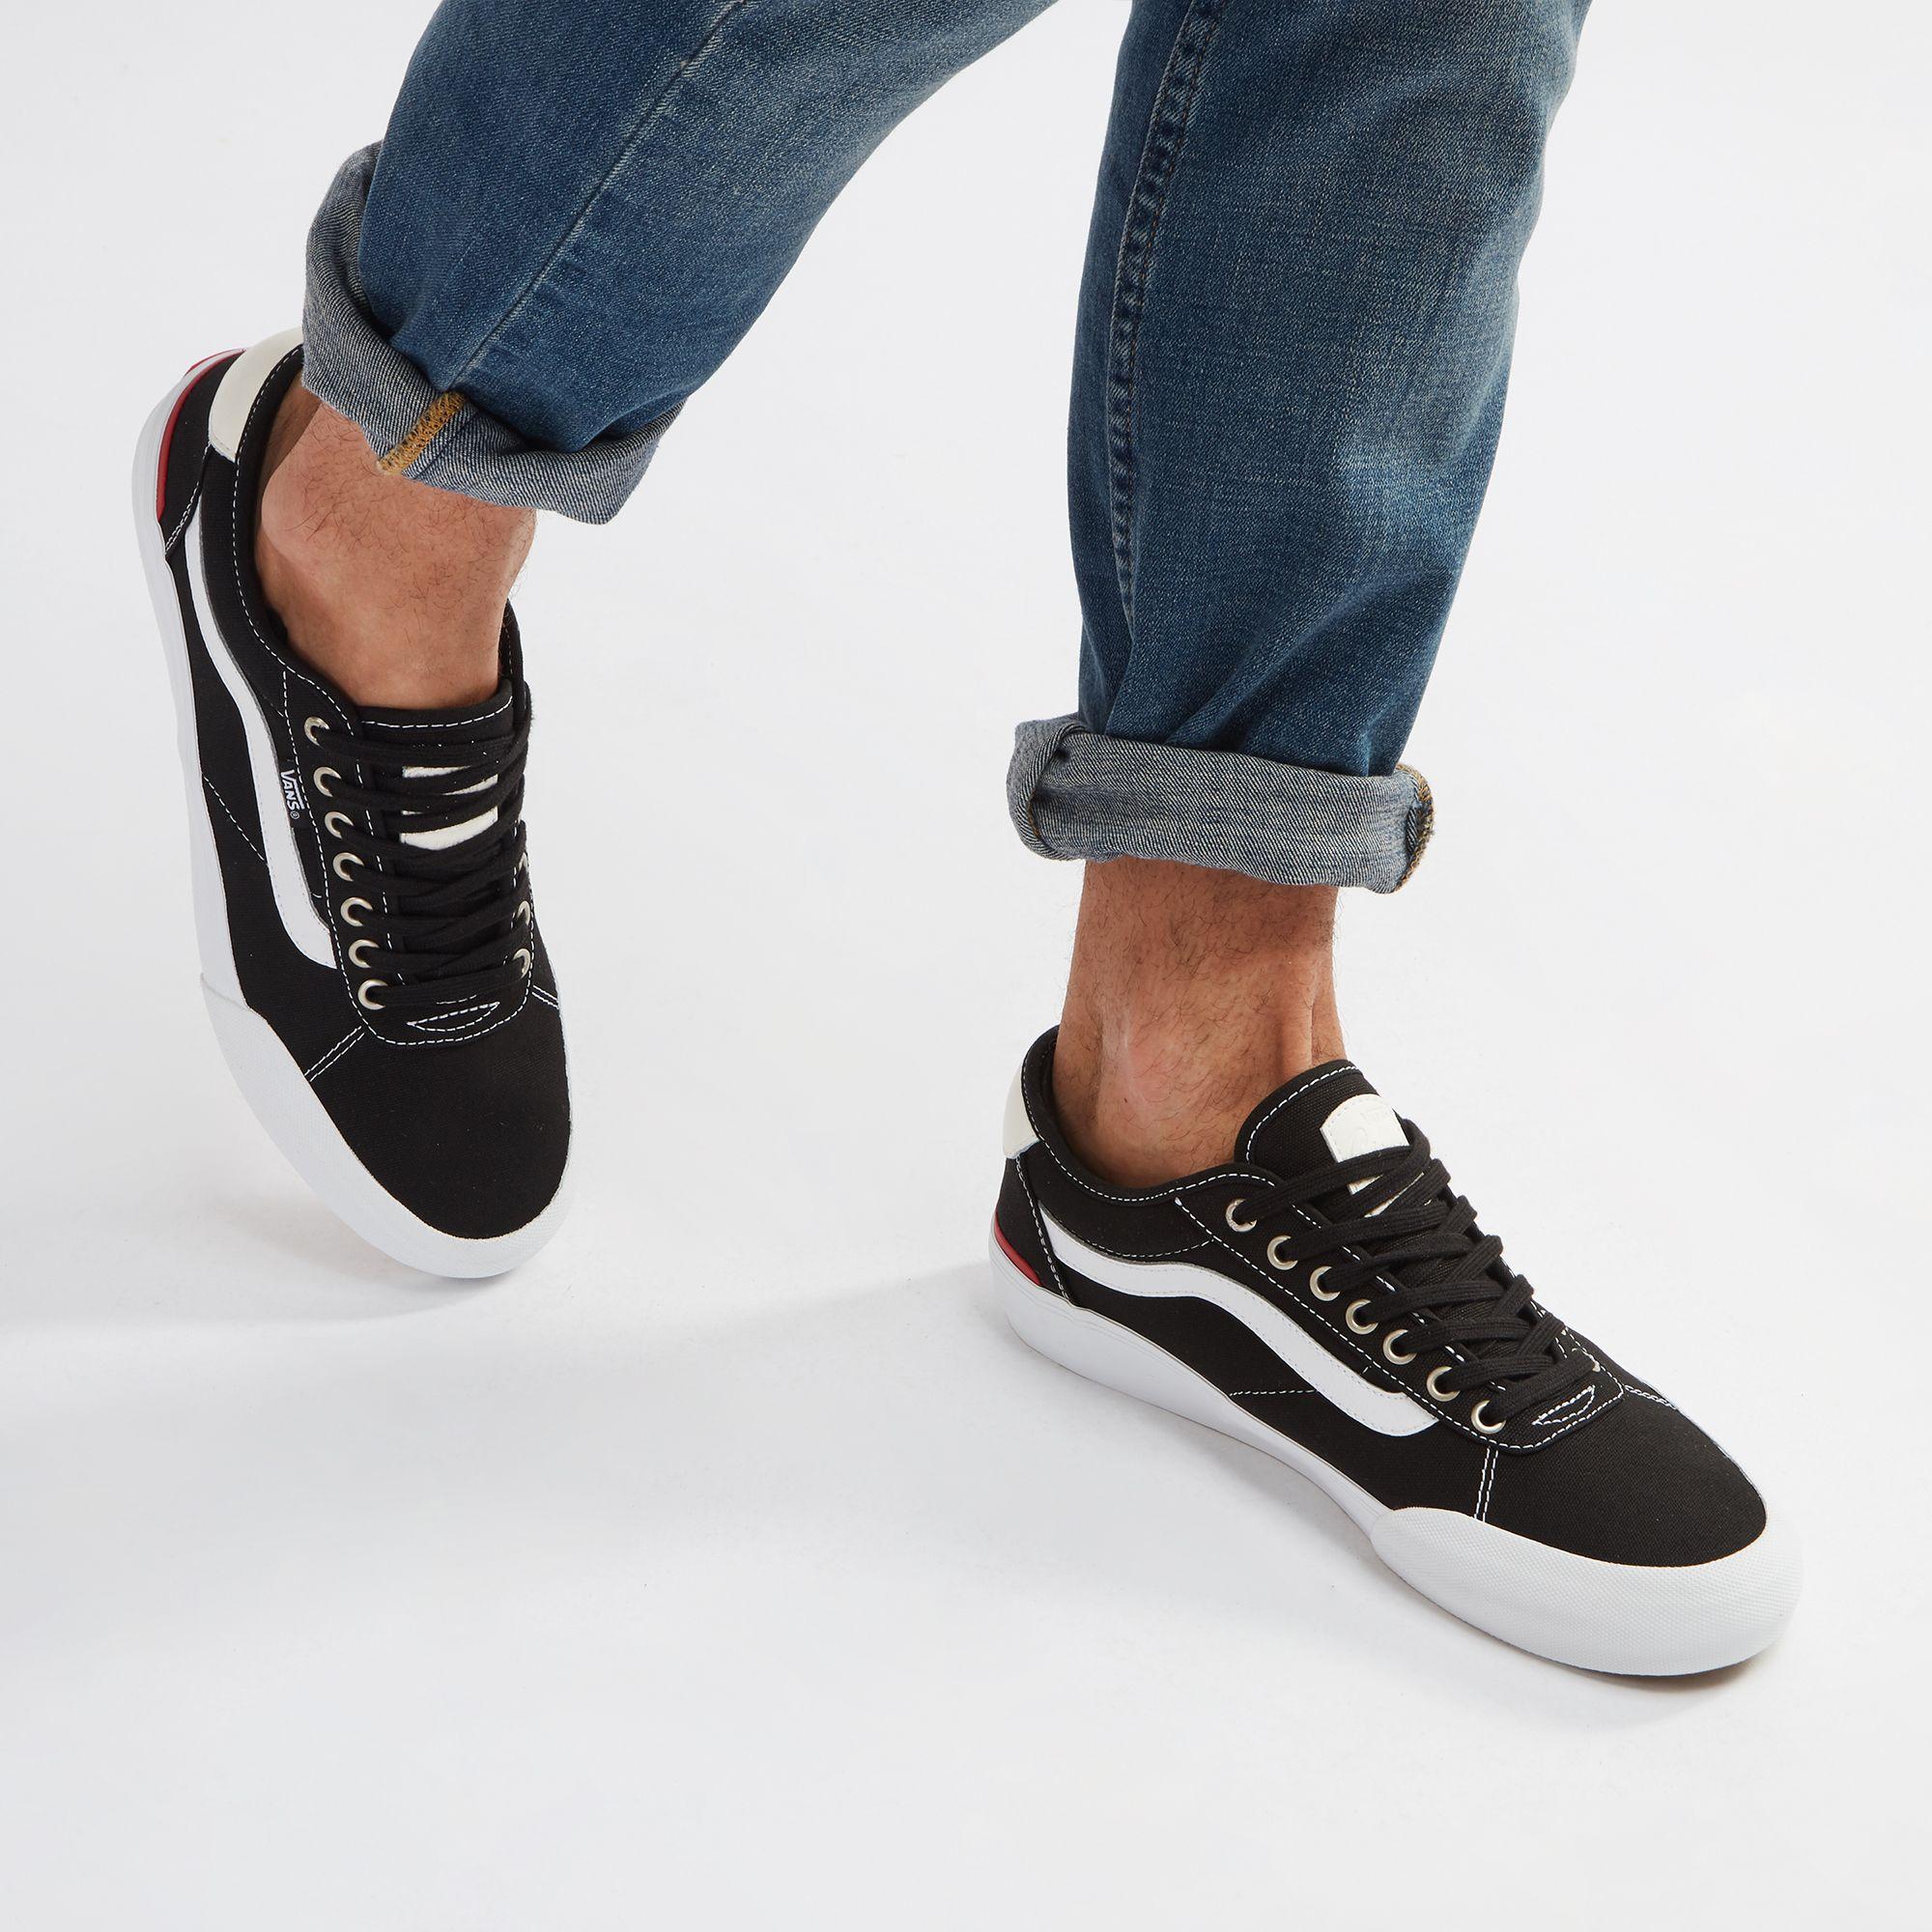 0d87c8206b Shop Black Vans Chima Pro 2 Shoe for Mens by Vans